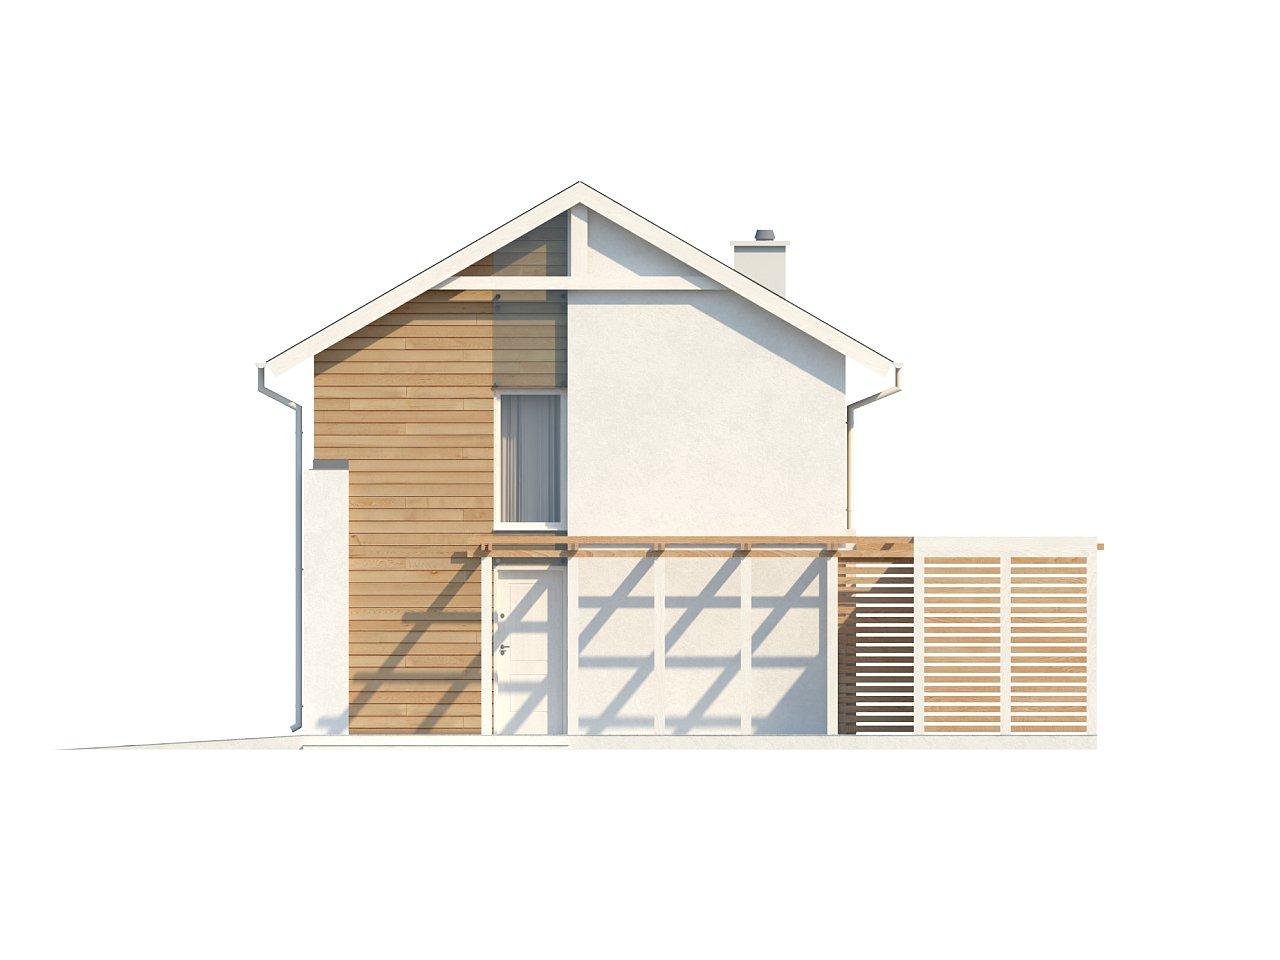 Выгодный в строительстве и эксплуатации двухэтажный дом простой формы. - фото 5